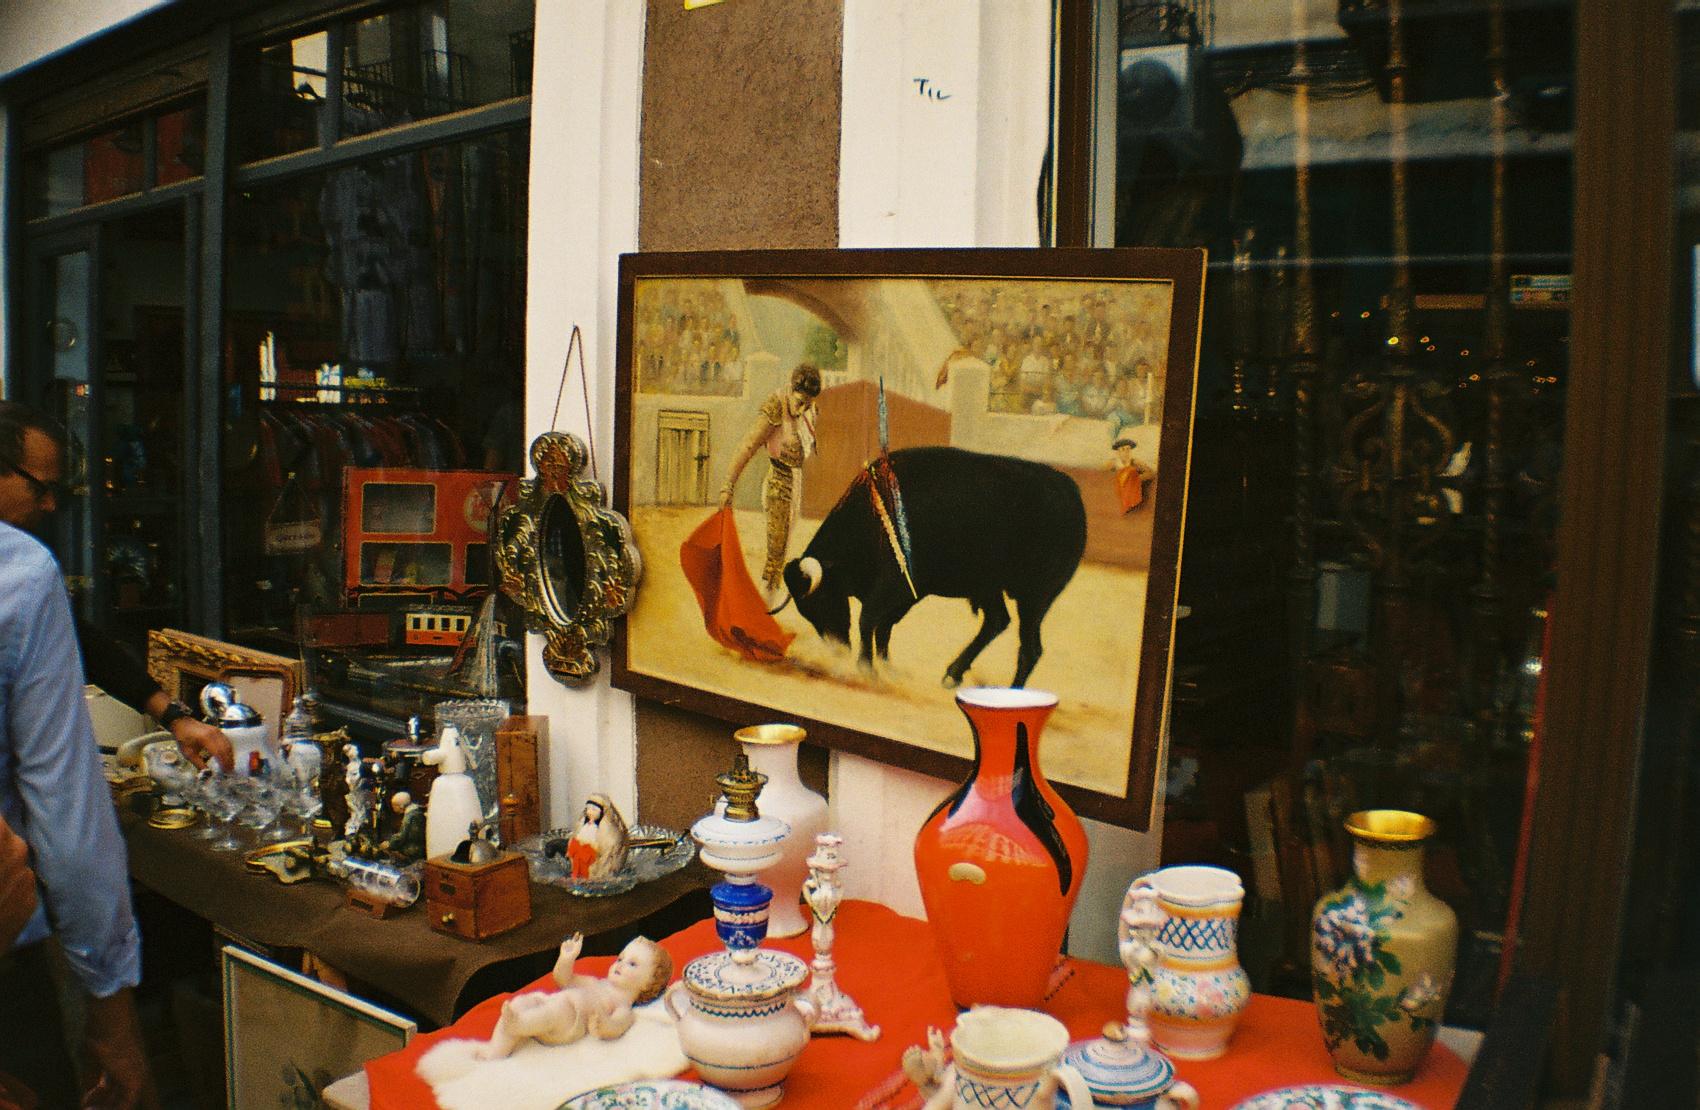 Scene from El Rastro Market